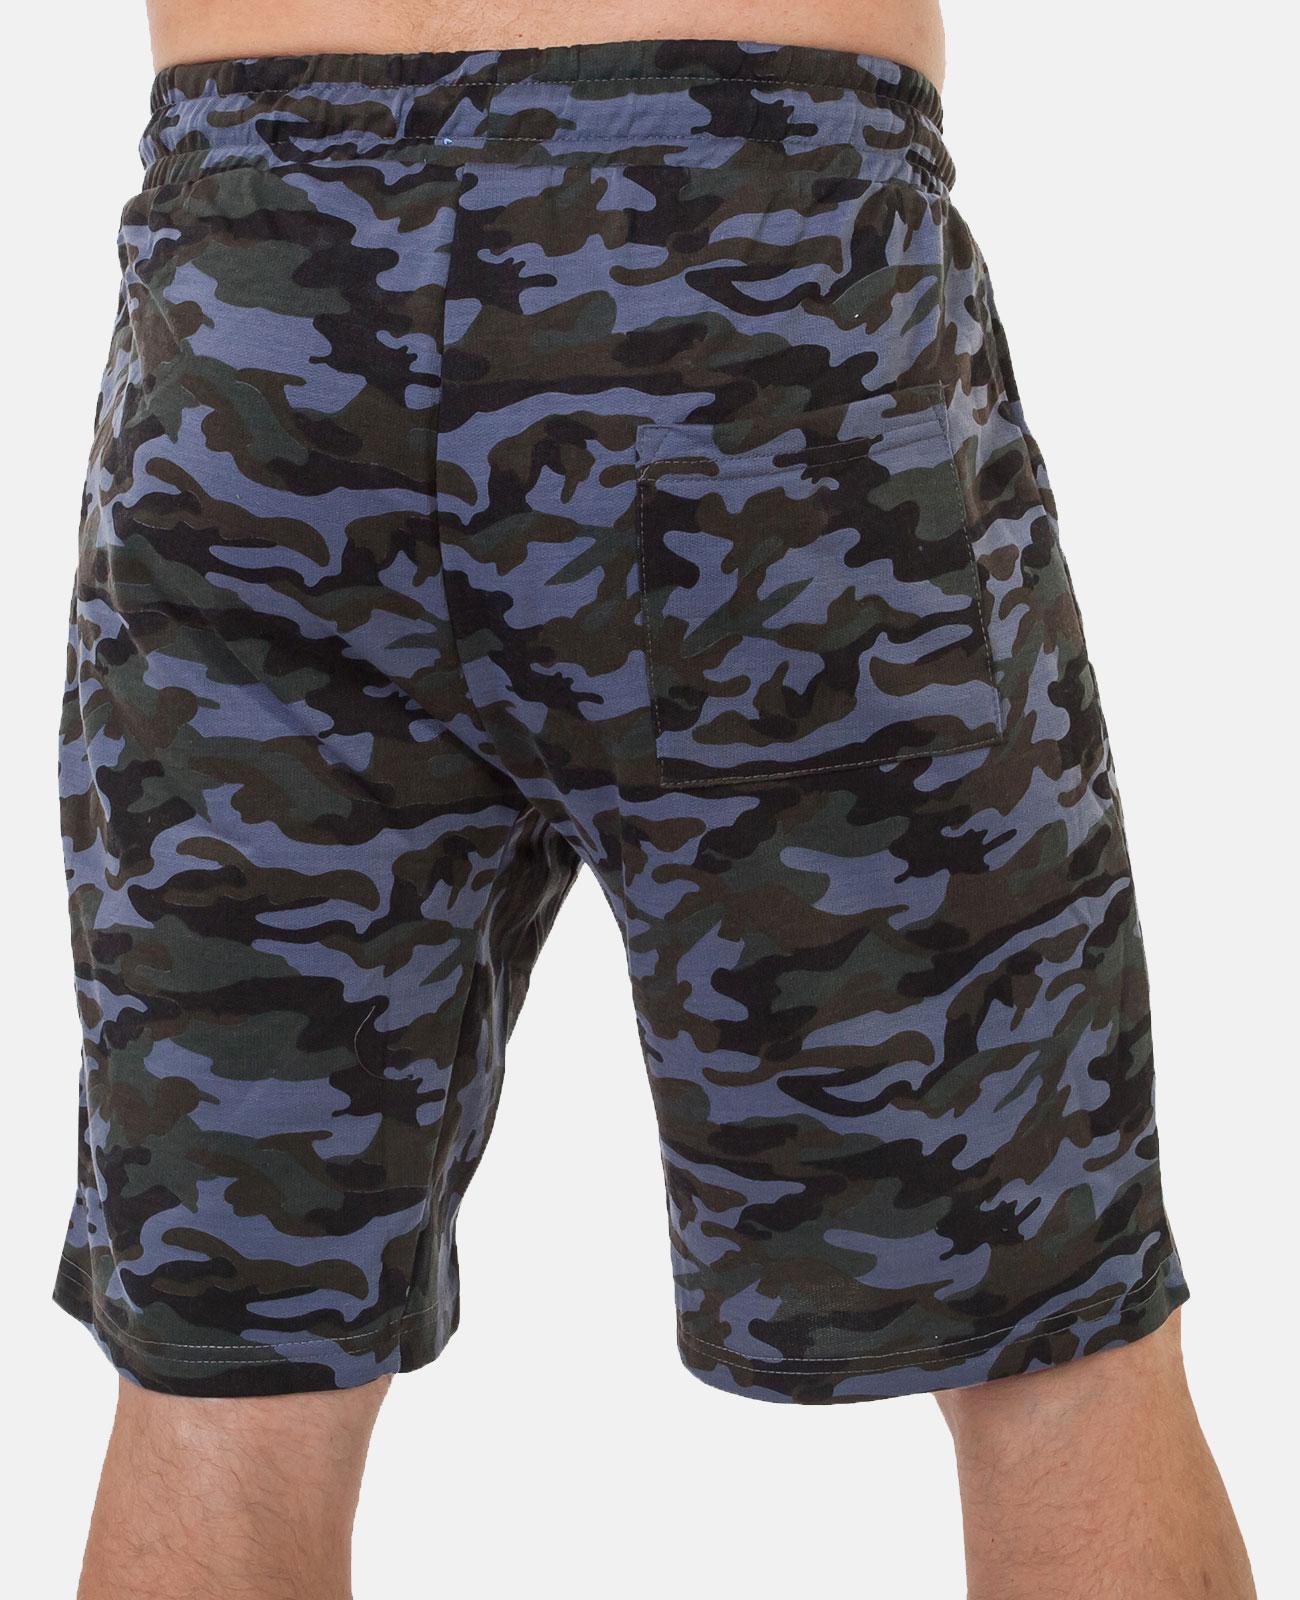 Мужские армейские шорты с нашивкой Погранвойска - купить онлайн